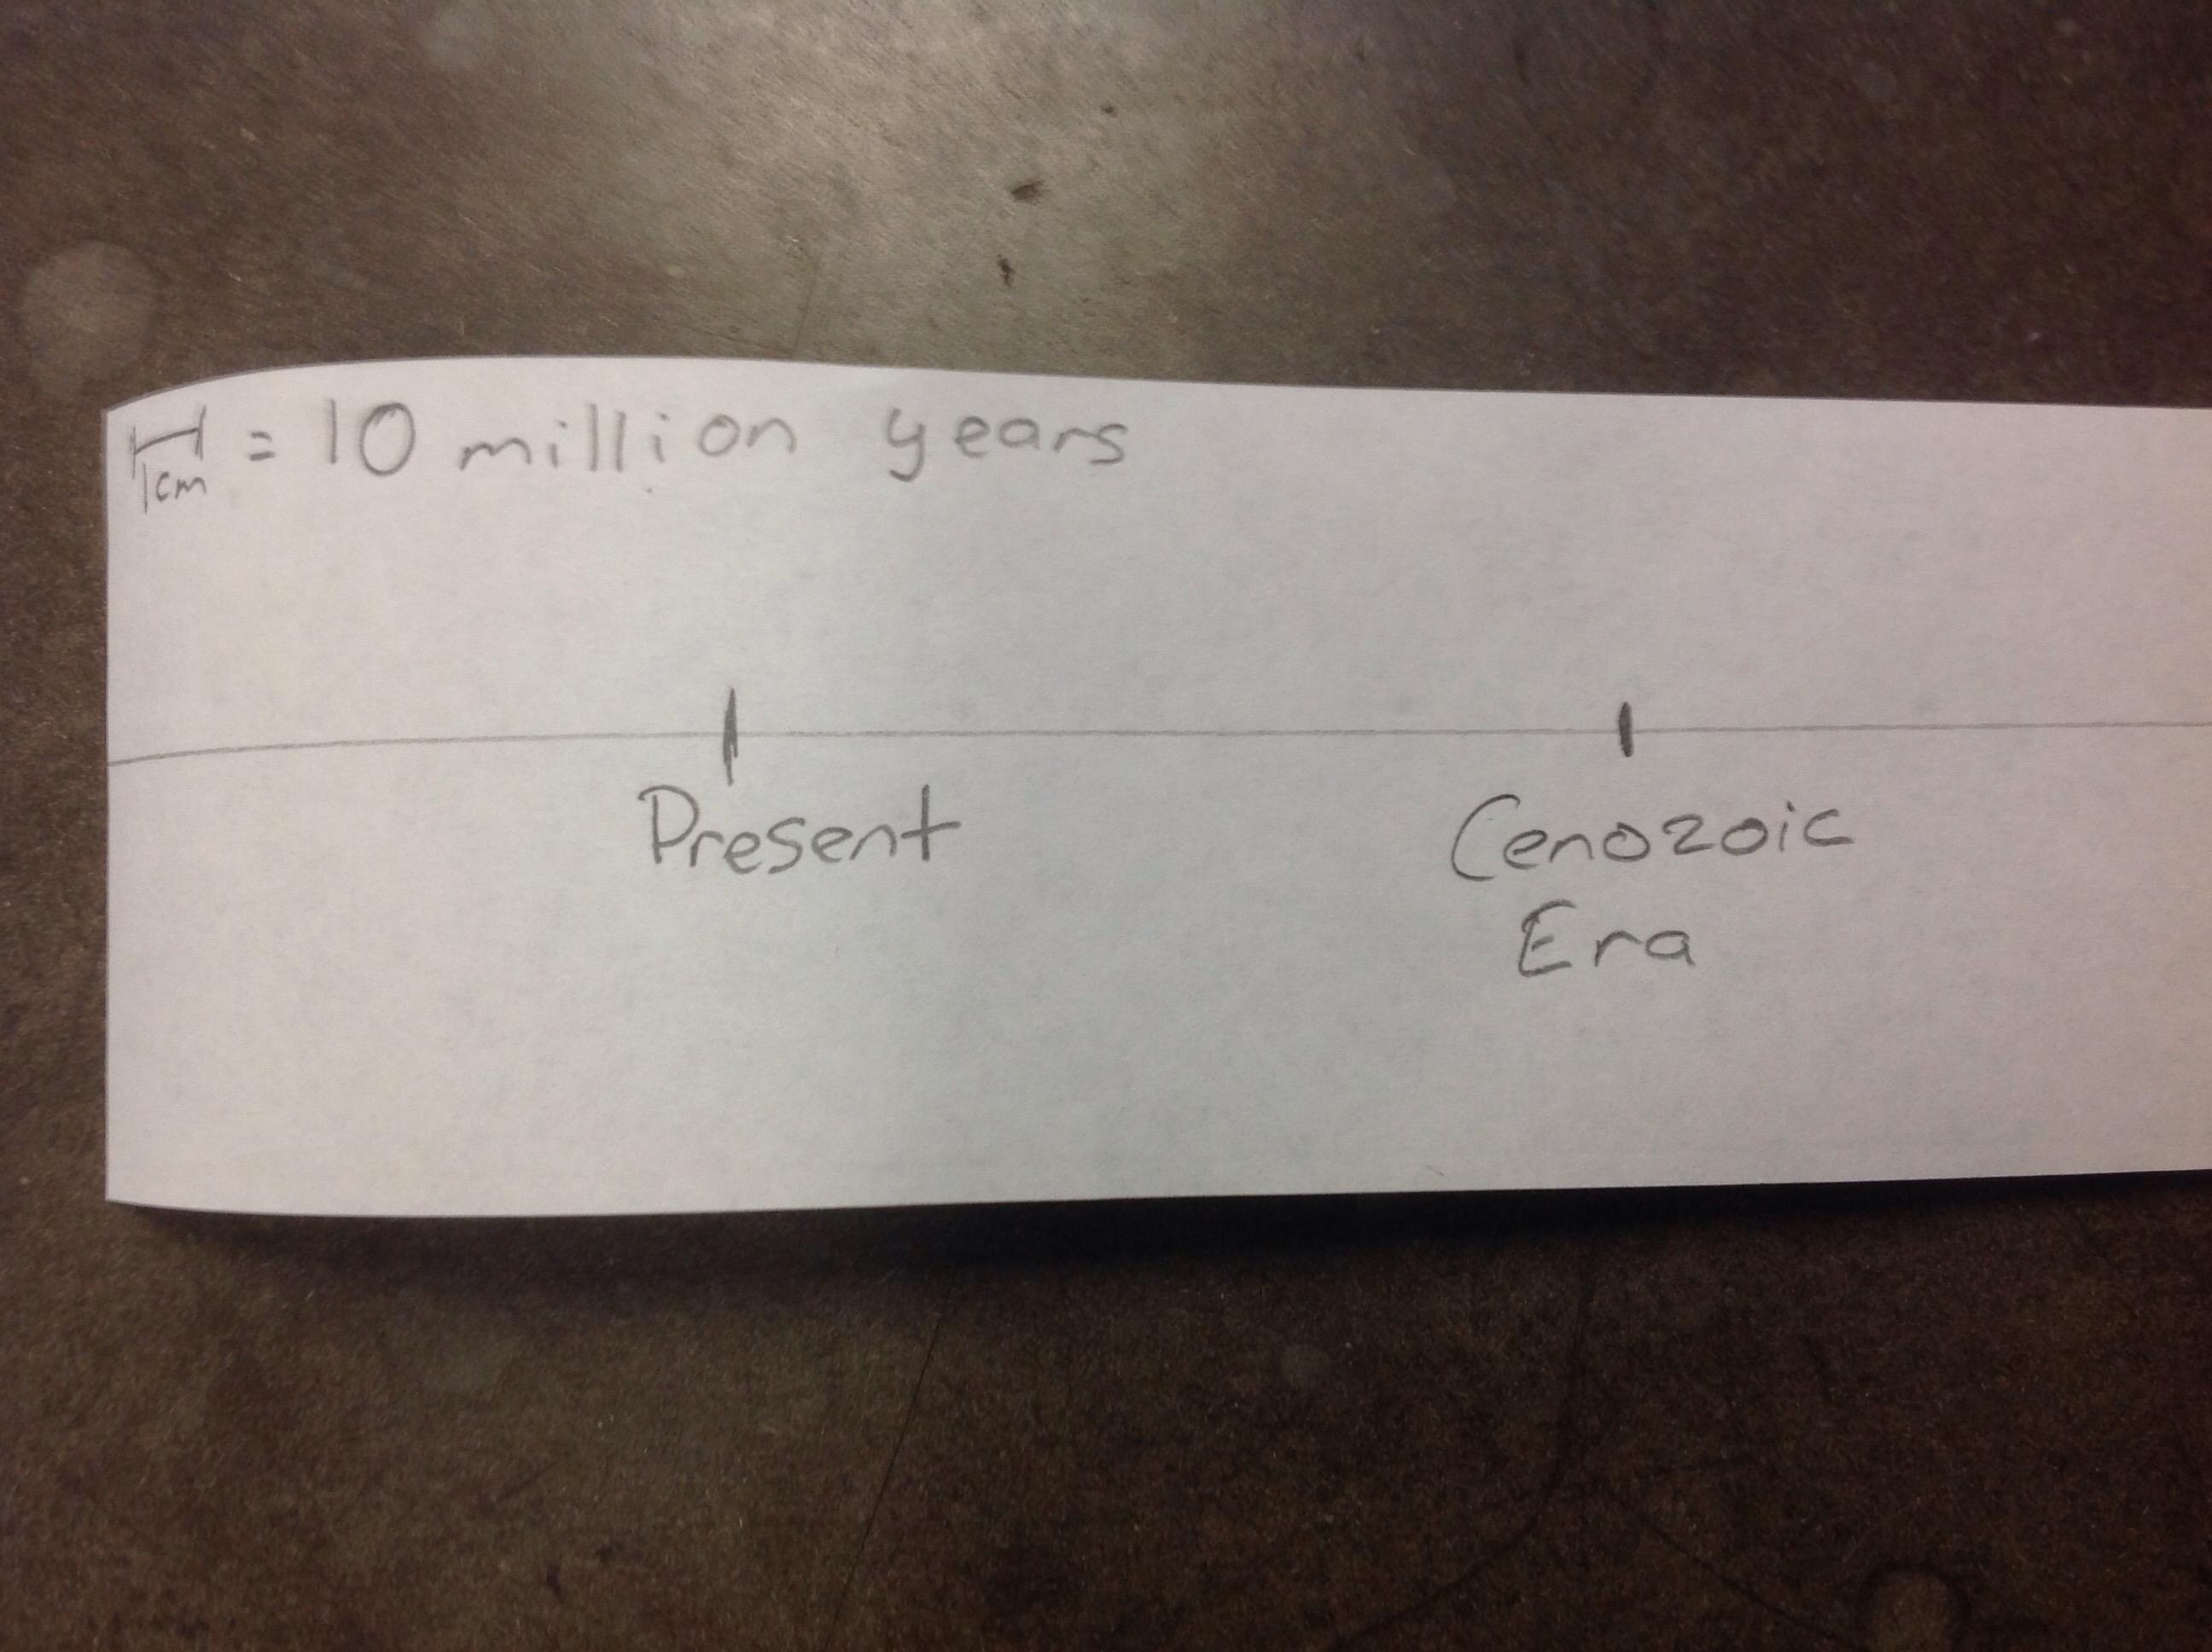 Geological Timeline Samvaughan19